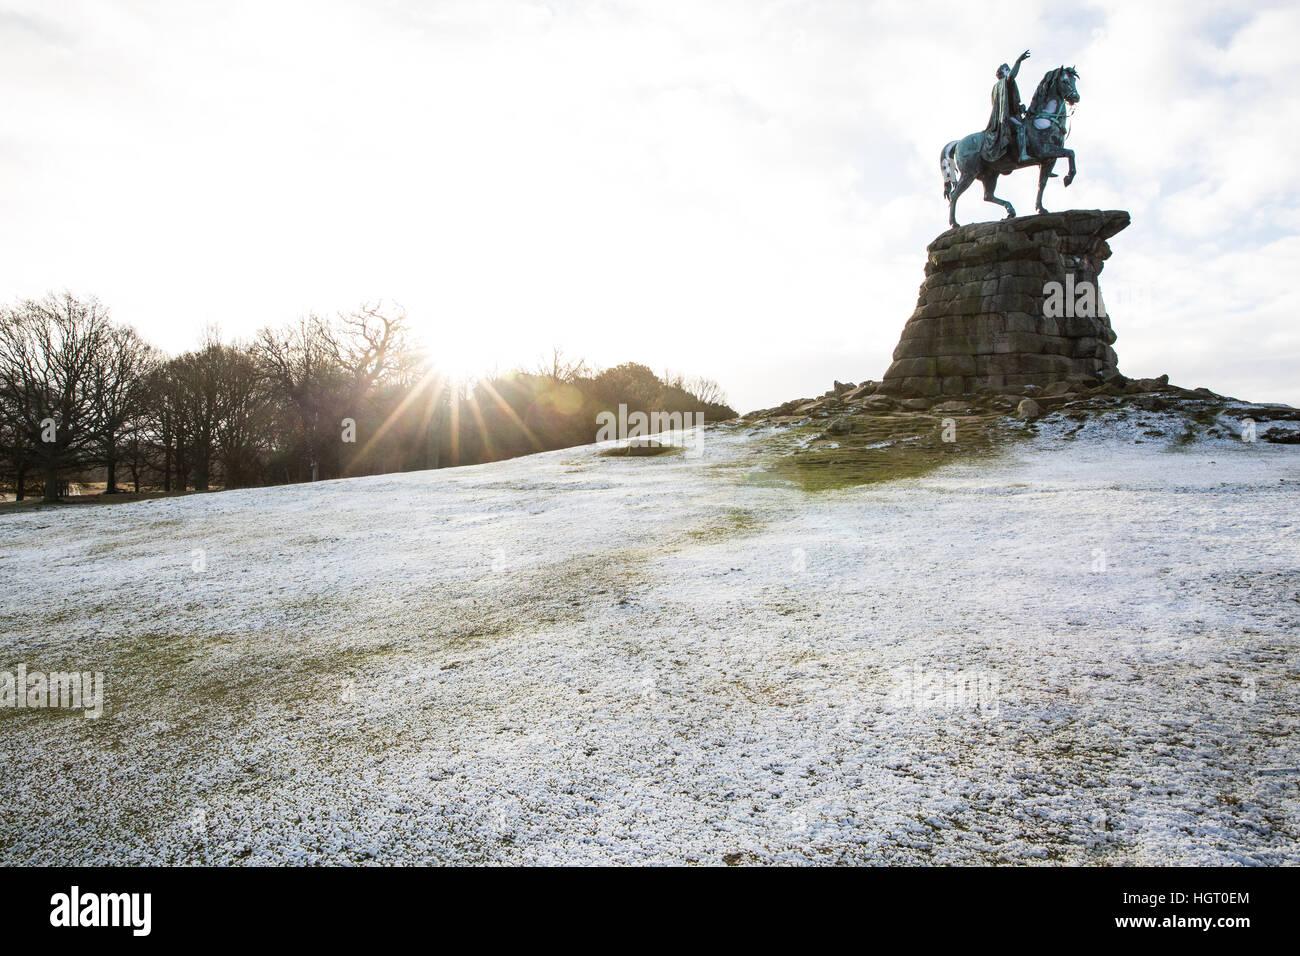 Windsor, Reino Unido. 13 Enero, 2017. Una rociada de nieve en Snow Hill en Berkshire, mientras el sol aparece detrás. Imagen De Stock